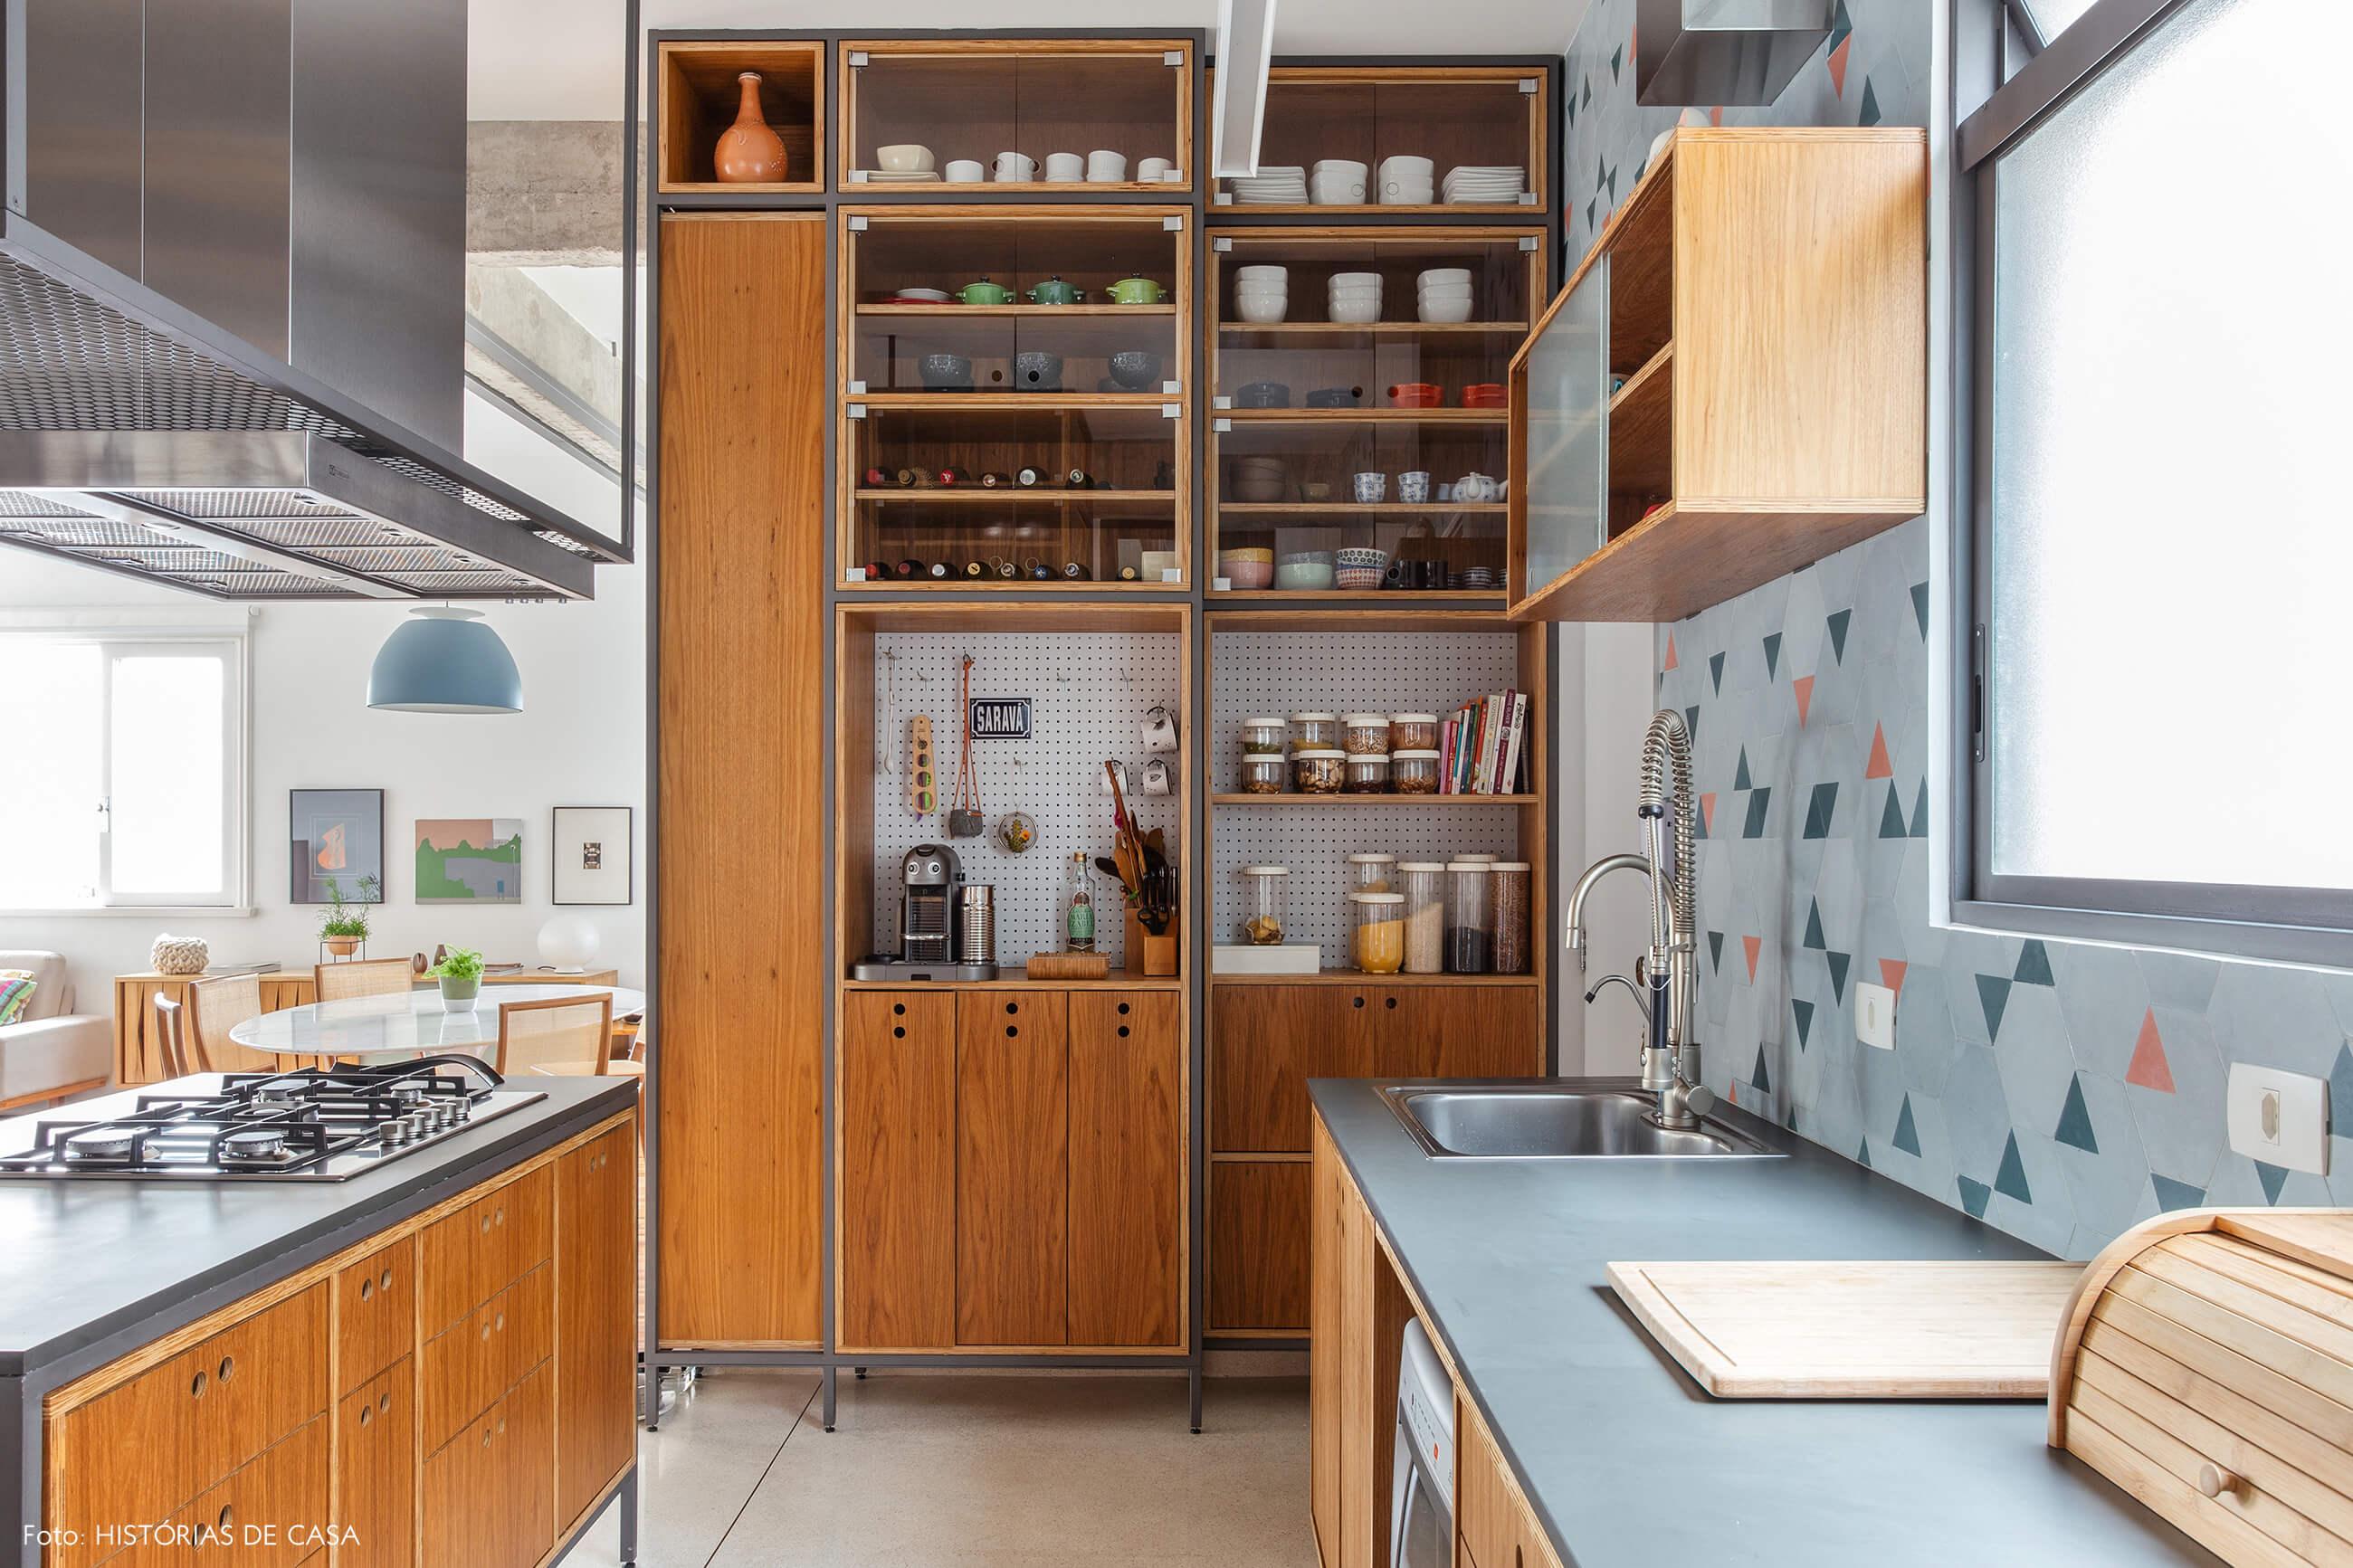 Cozinha reformada com piso de granilite e marcenaria sob medida